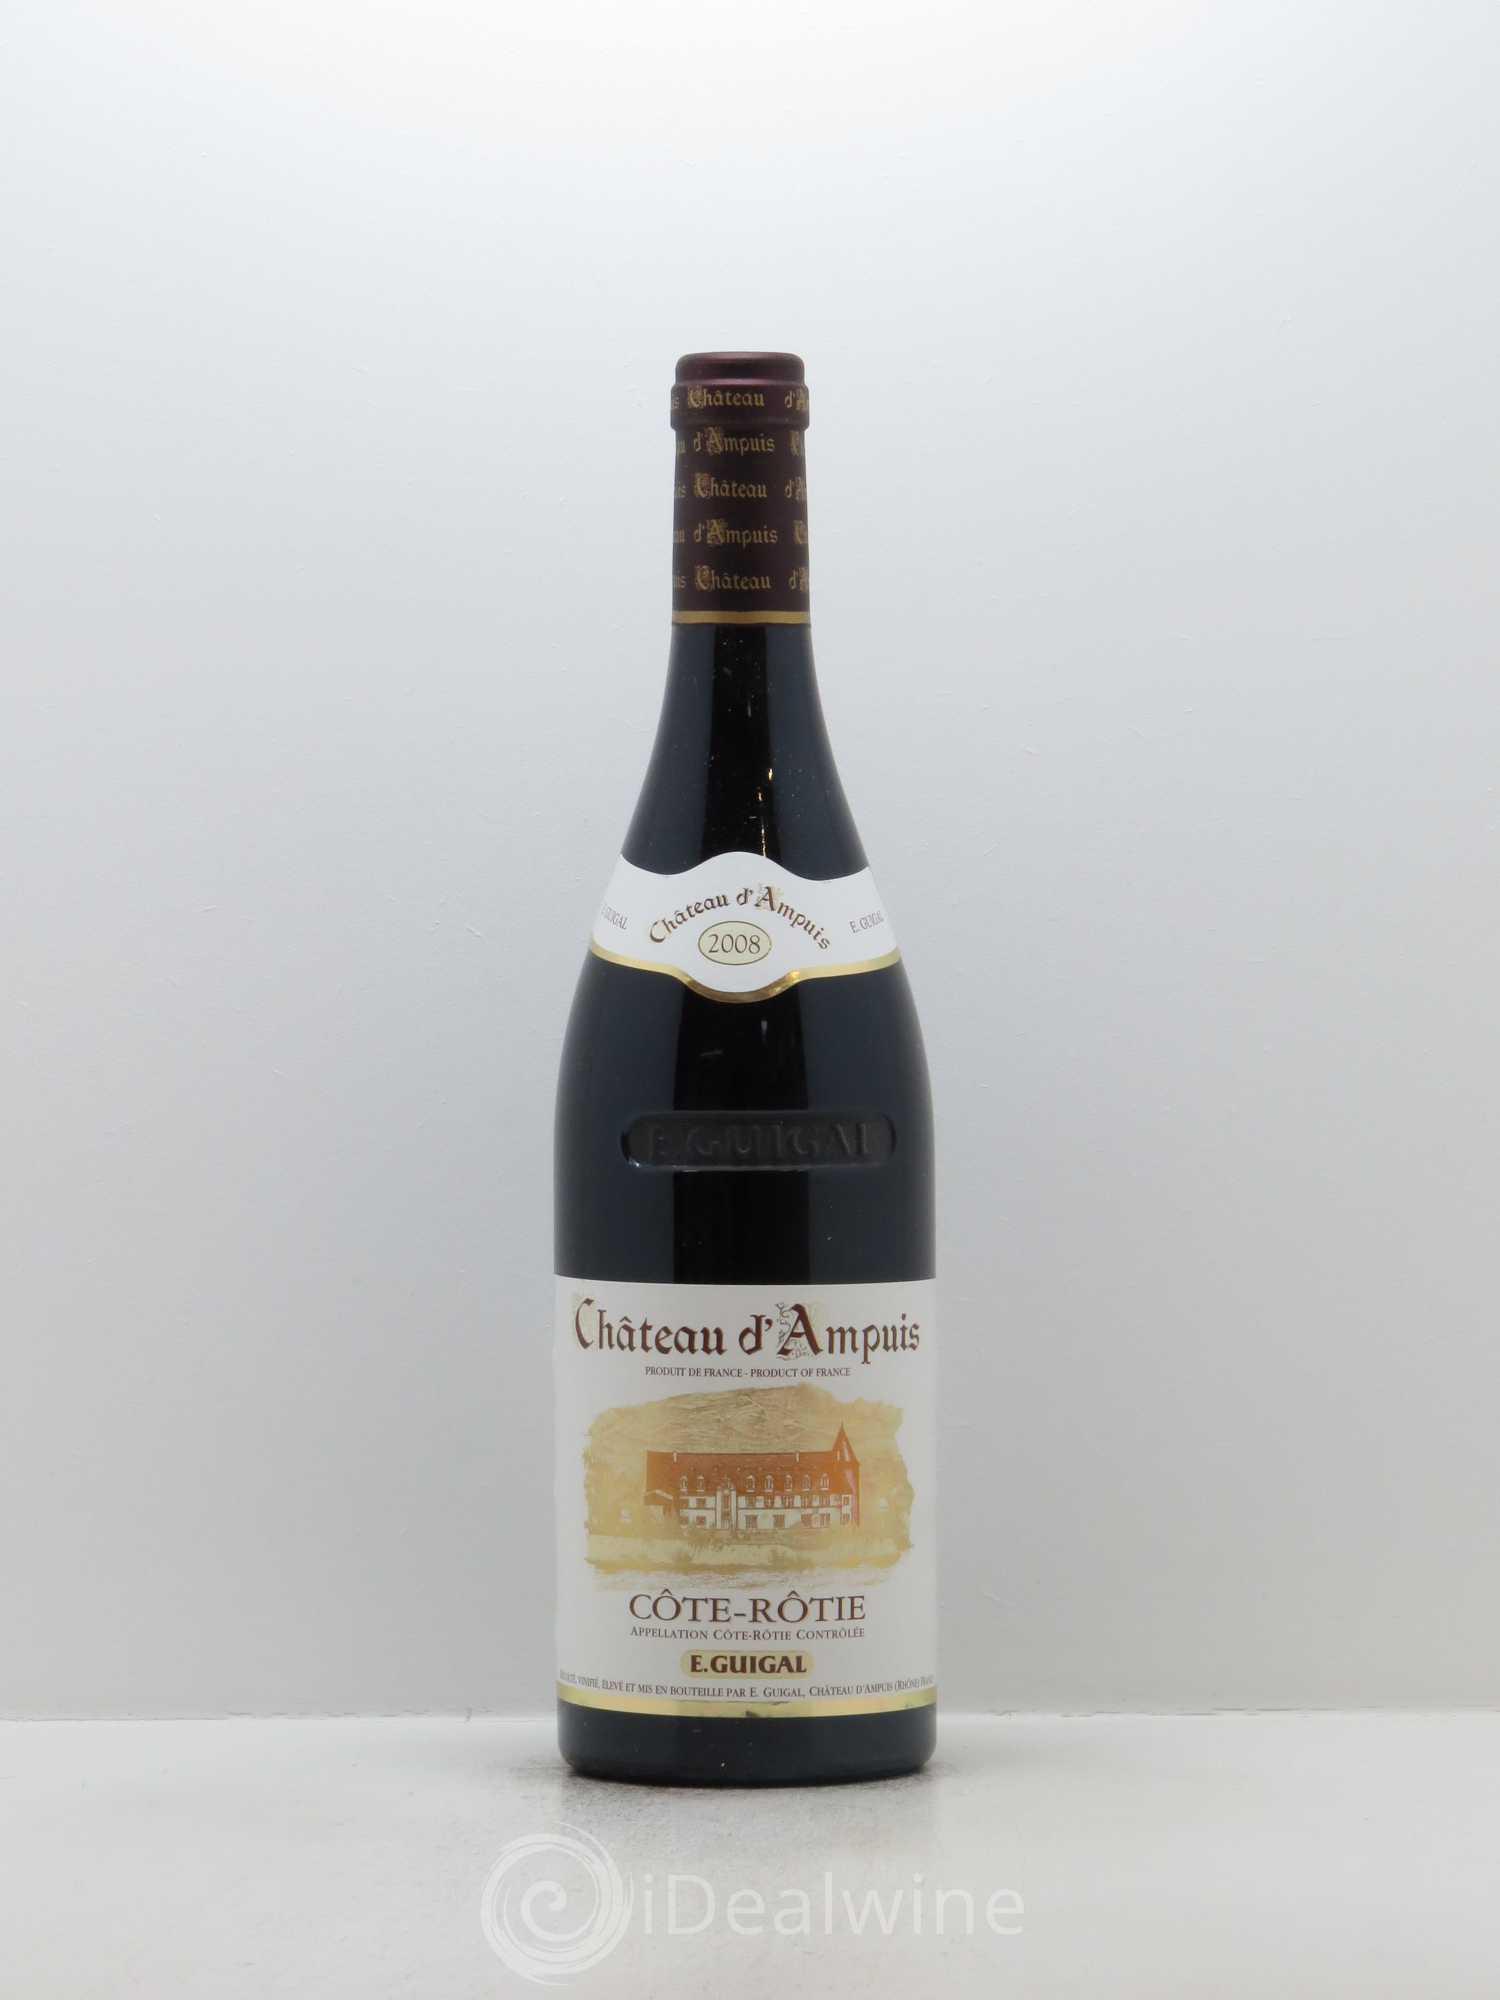 Acheter c te r tie ch teau d 39 ampuis guigal 2008 lot 14060 - Salon des vins ampuis ...